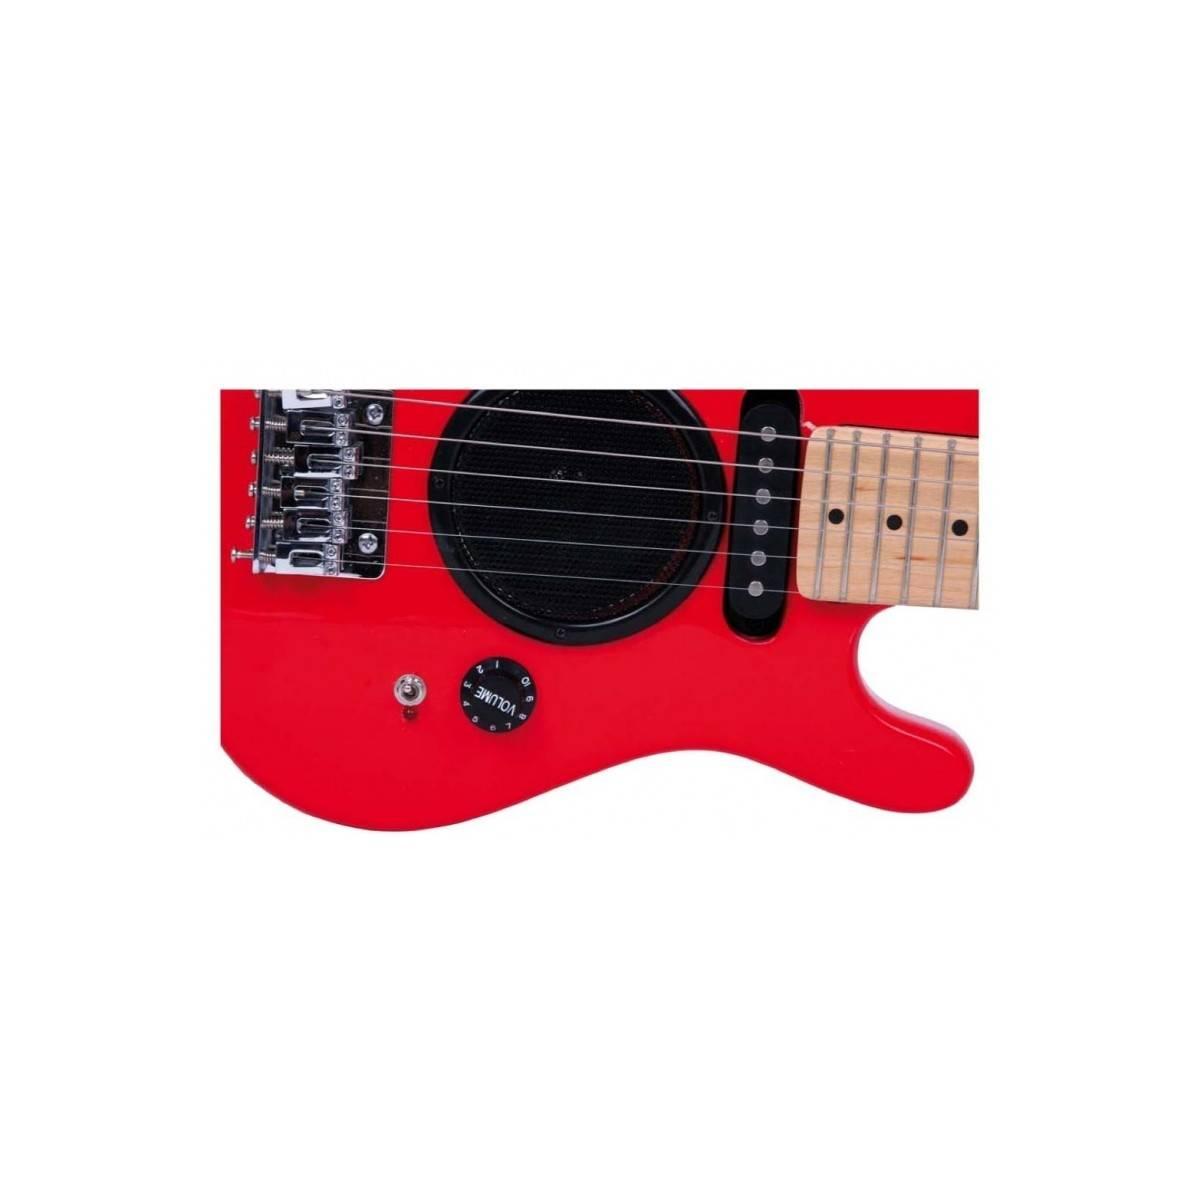 guitare lectrique enfant 1 4 avec ampli et hp int gr s et. Black Bedroom Furniture Sets. Home Design Ideas